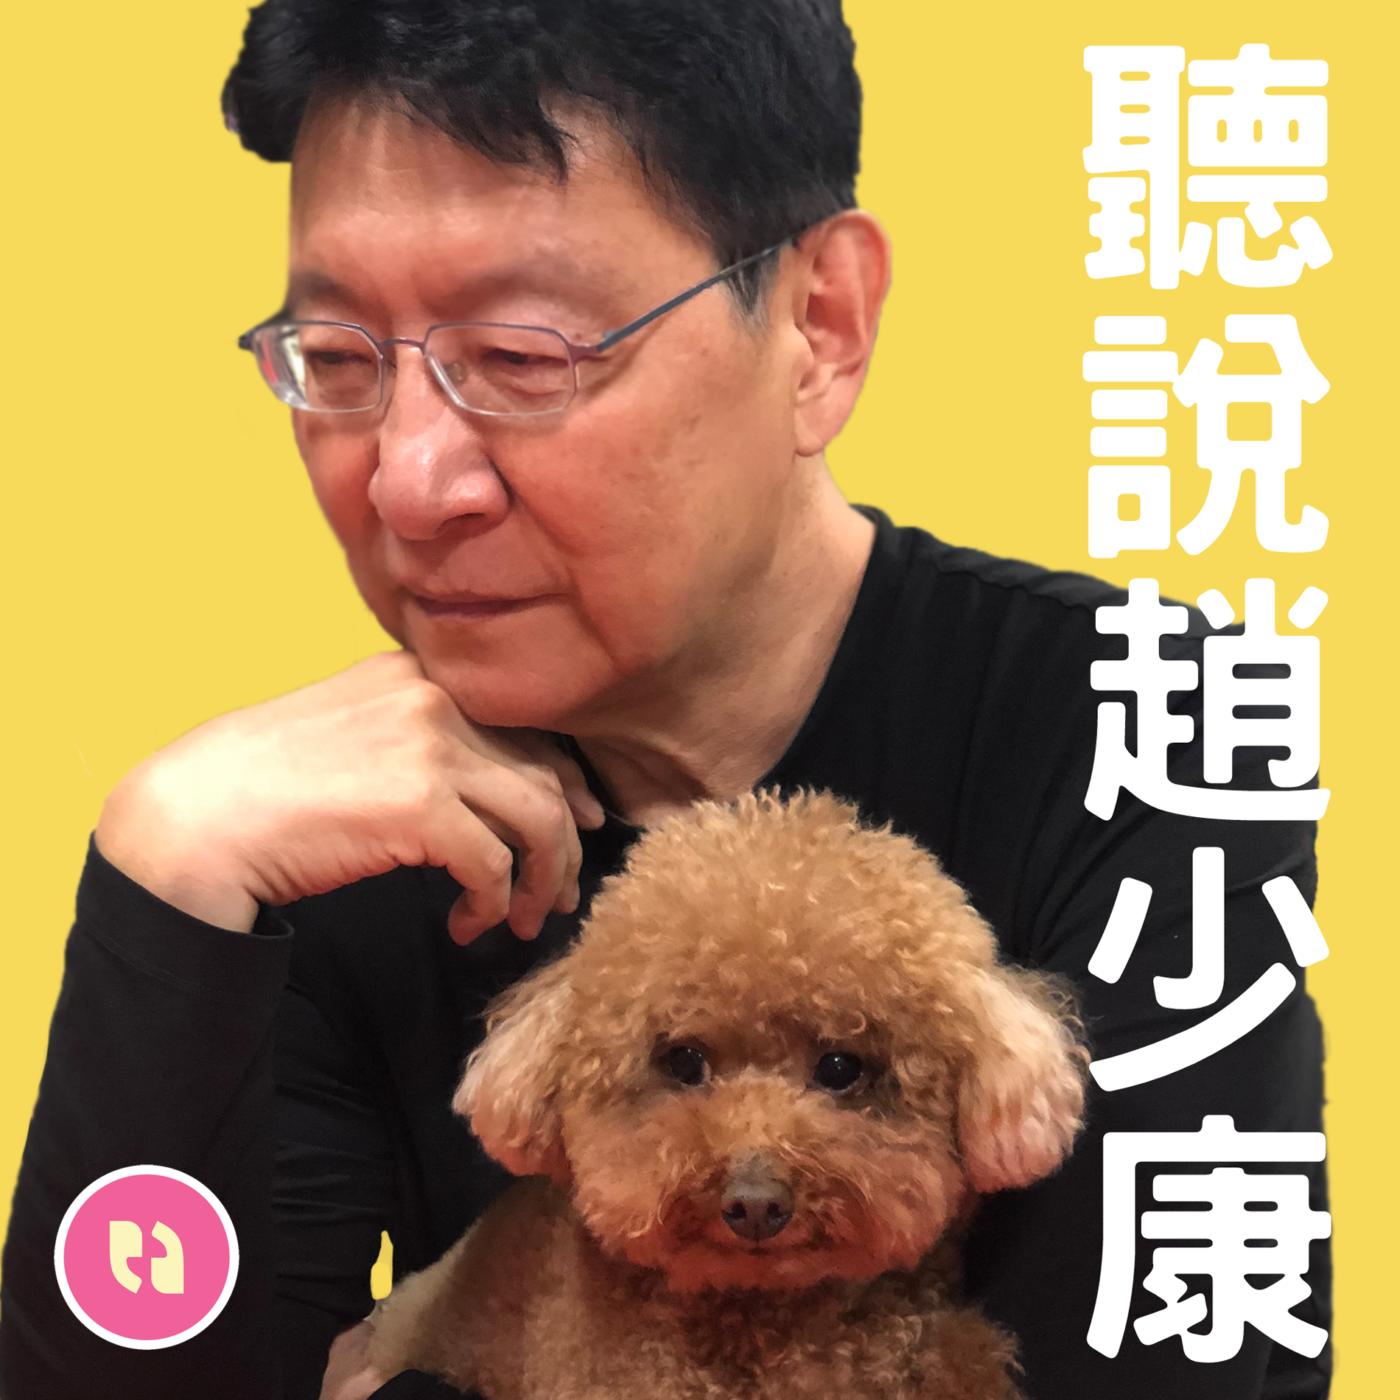 謝國樑與詹斯敦談《千分之三的意義》:兩位聽損兒爸爸一起攜手走過的成長路程